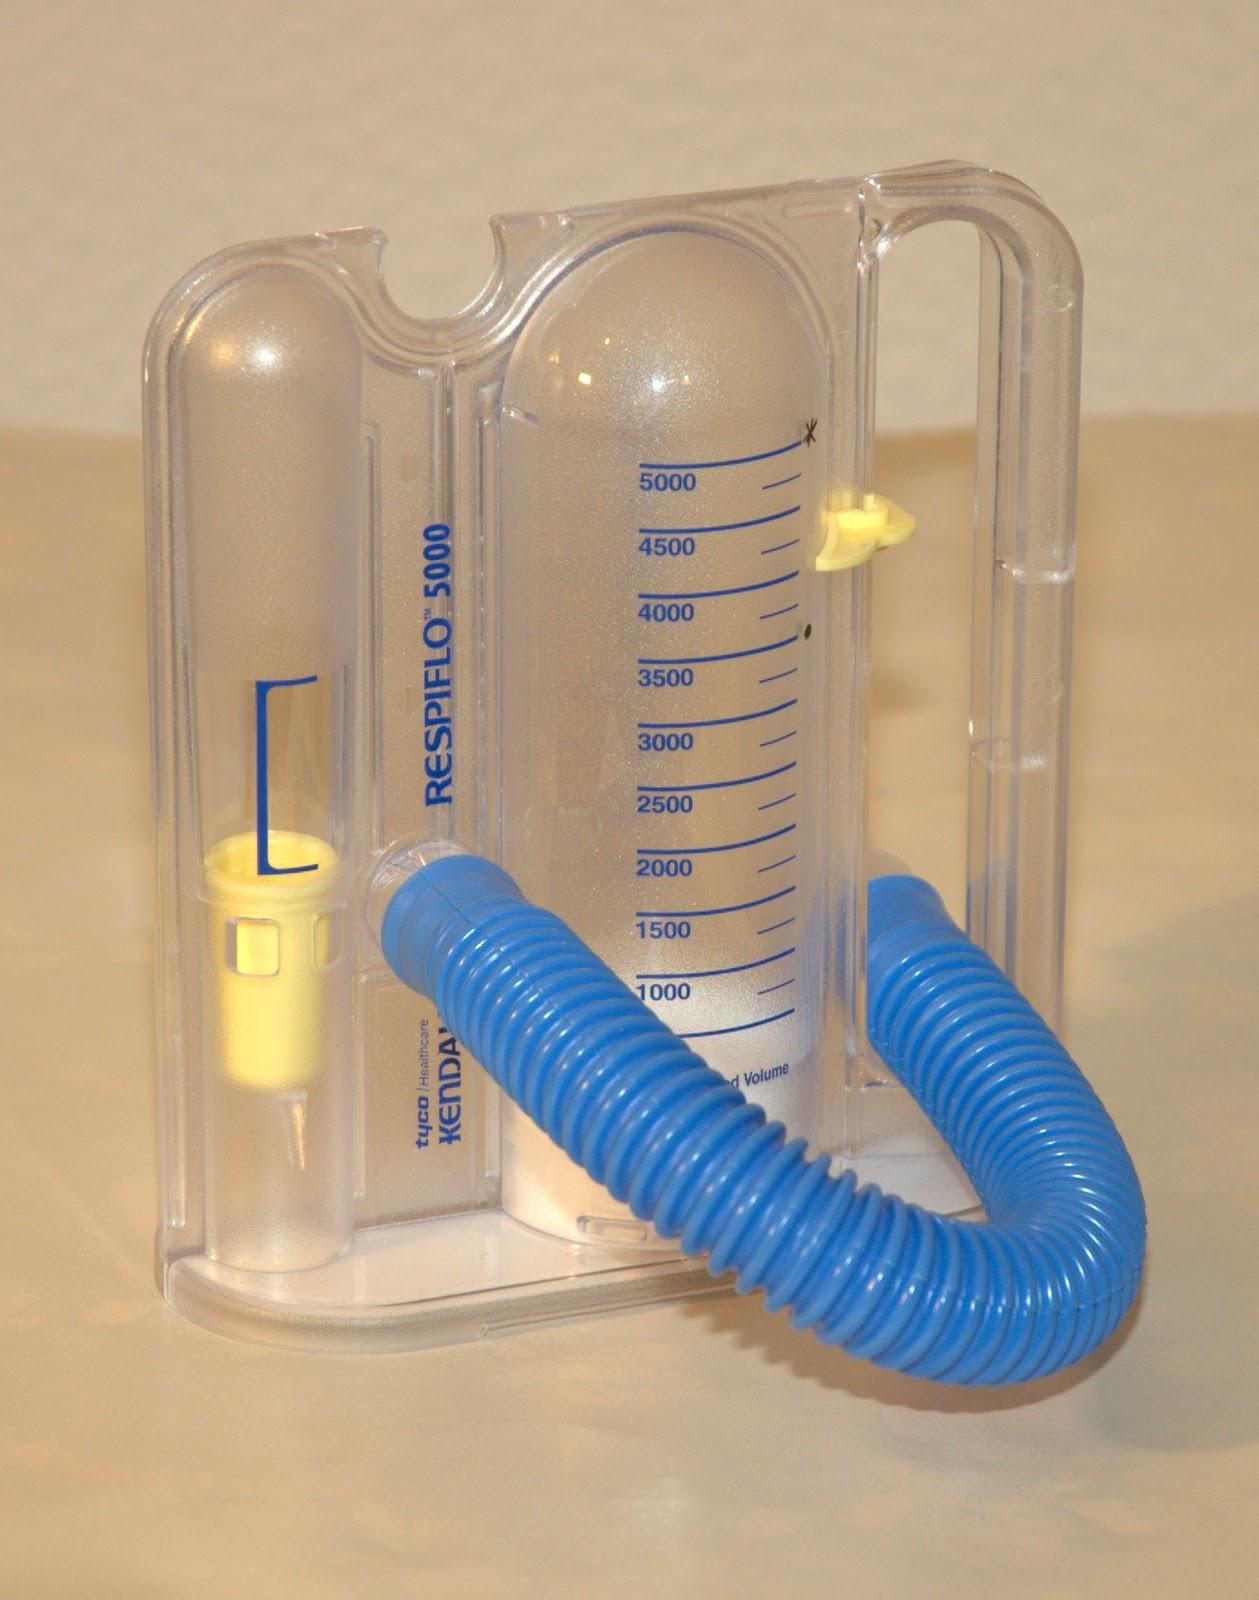 atemübungen für lungenvolumen nach op